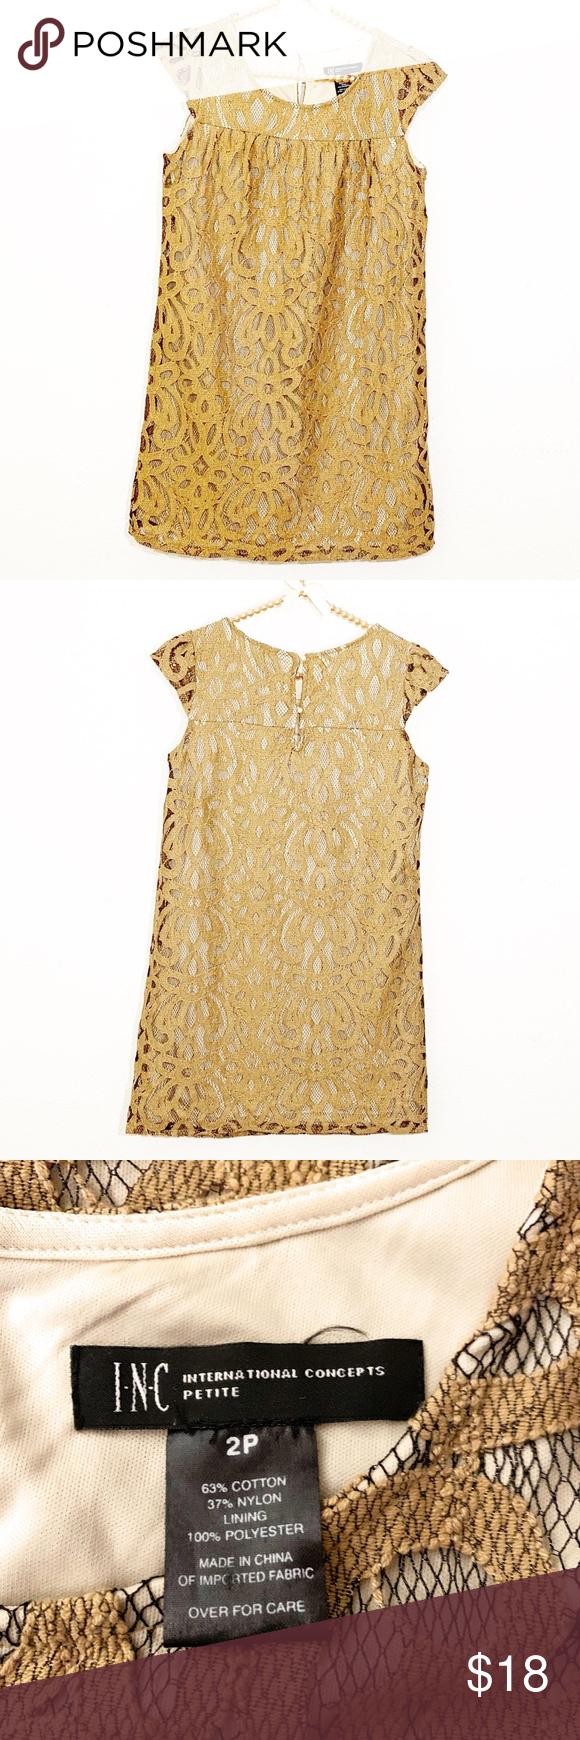 Inc Gold Lace Shift Dress Size 2p Inc Gold Lace Shift Dress Size 2p The Color Is Most Close To Last Picture Size Lace Shift Dress Shift Dress Clothes Design [ 1740 x 580 Pixel ]